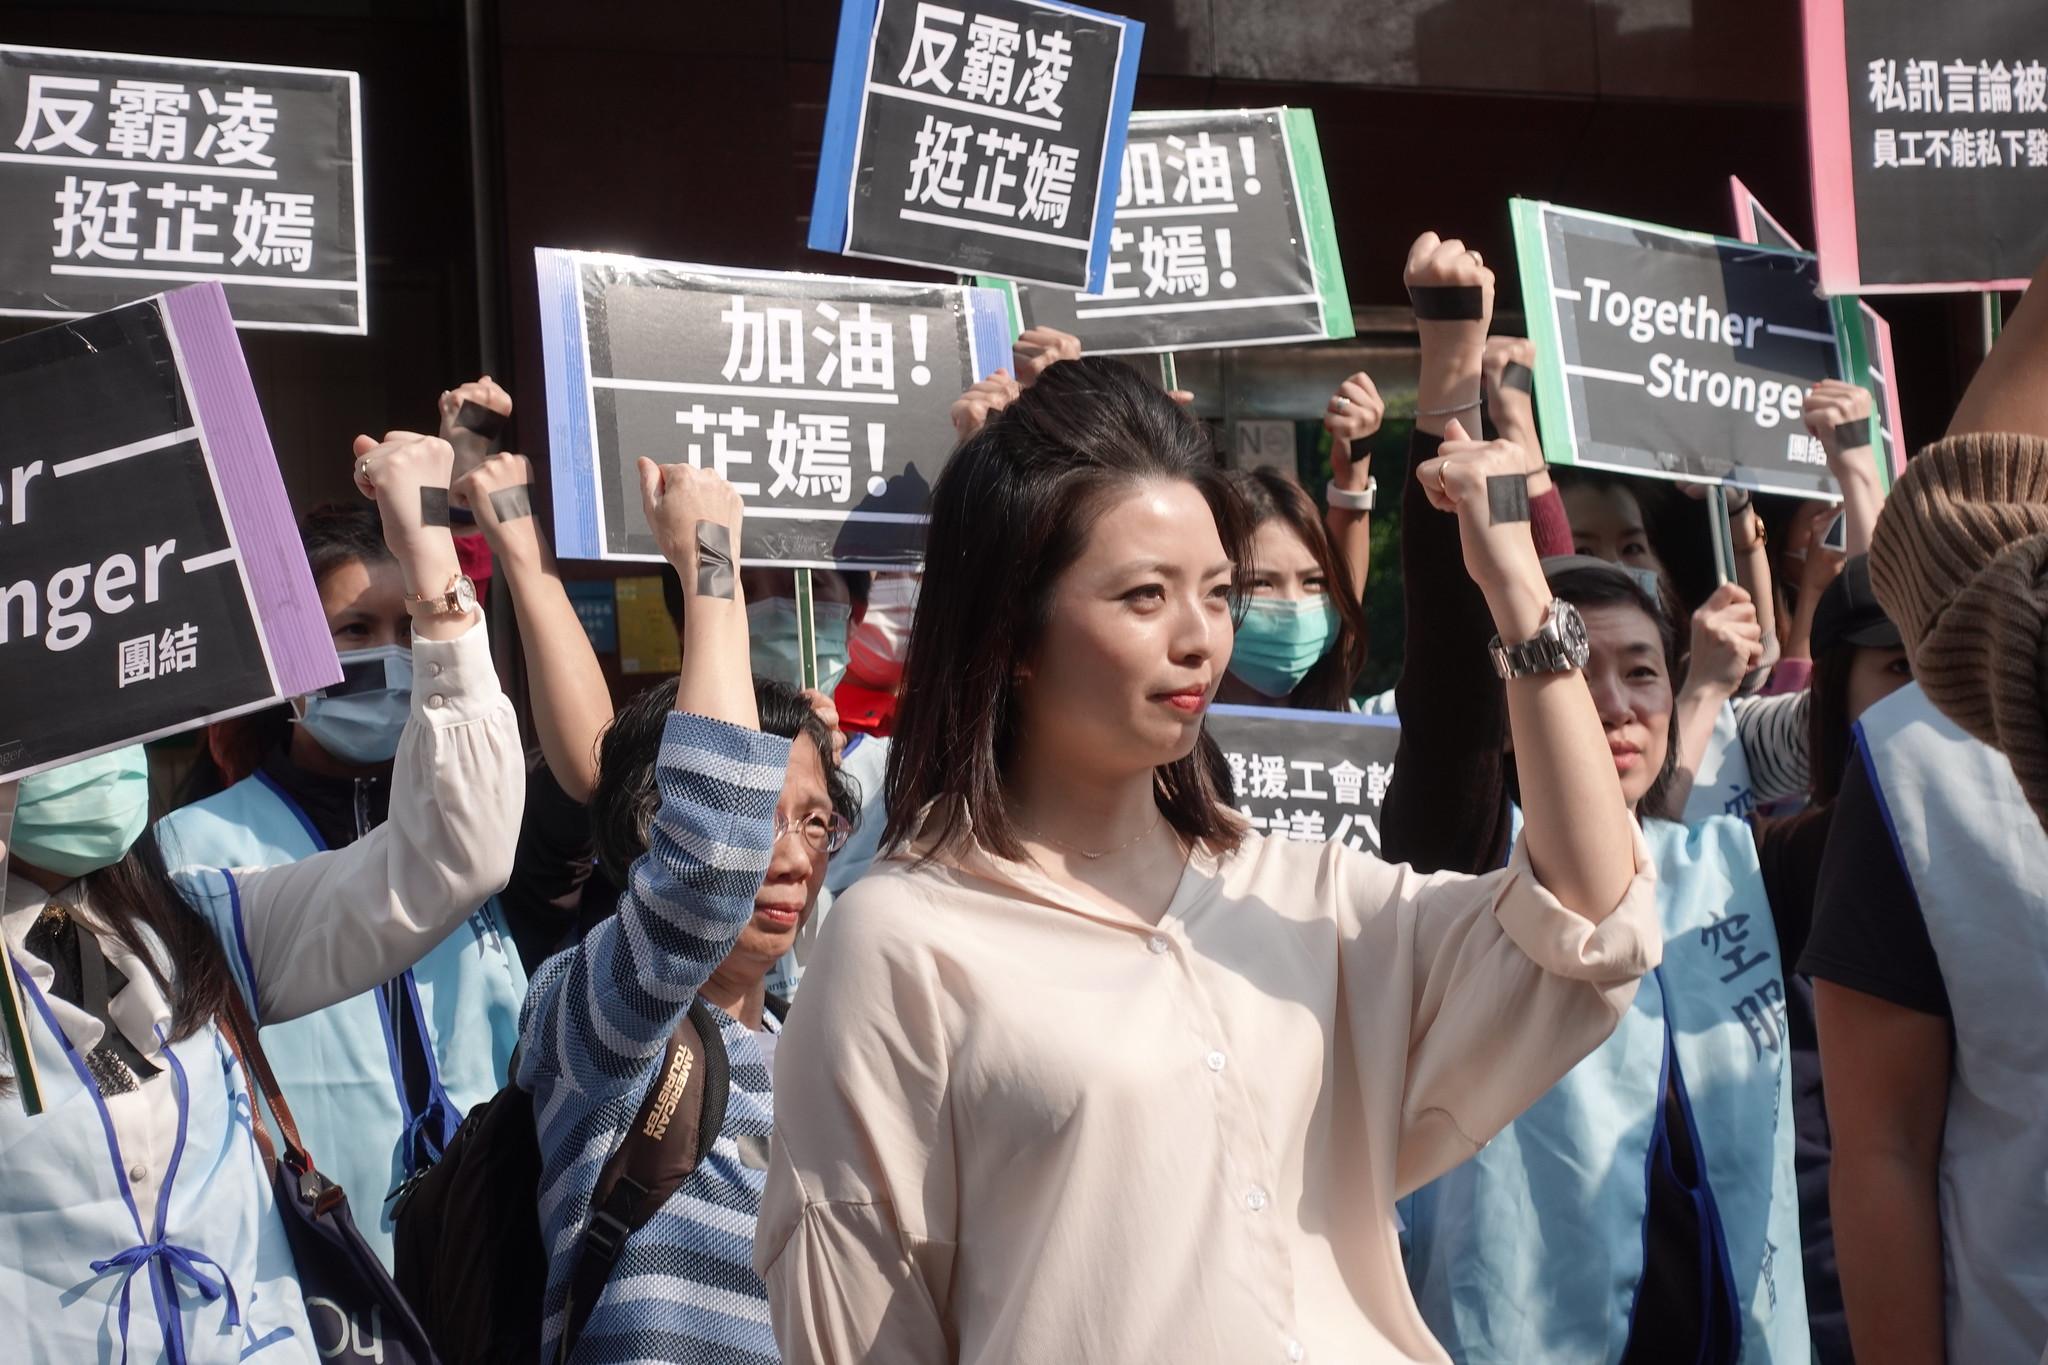 前長榮空服員郭芷嫣現身裁決會前的記者會,希望爭取復職。(攝影:張智琦)